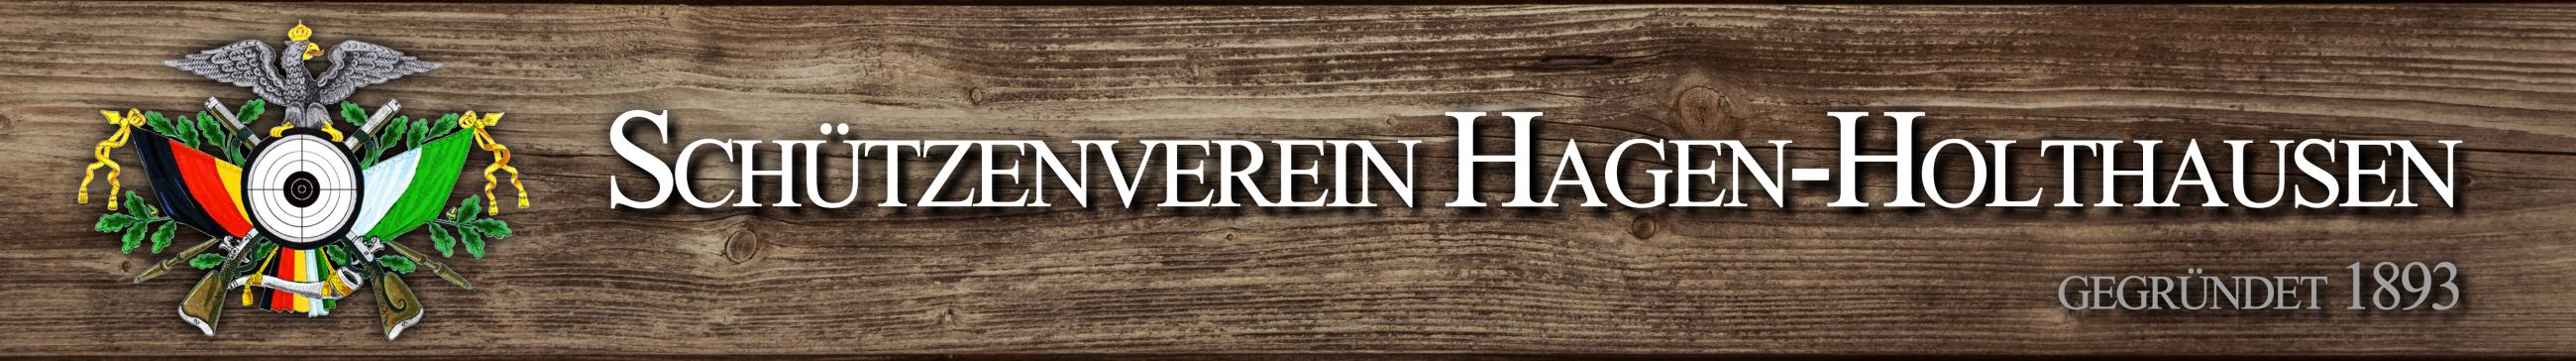 Wappen Logo Schützen verein sv Hagen Holthausen